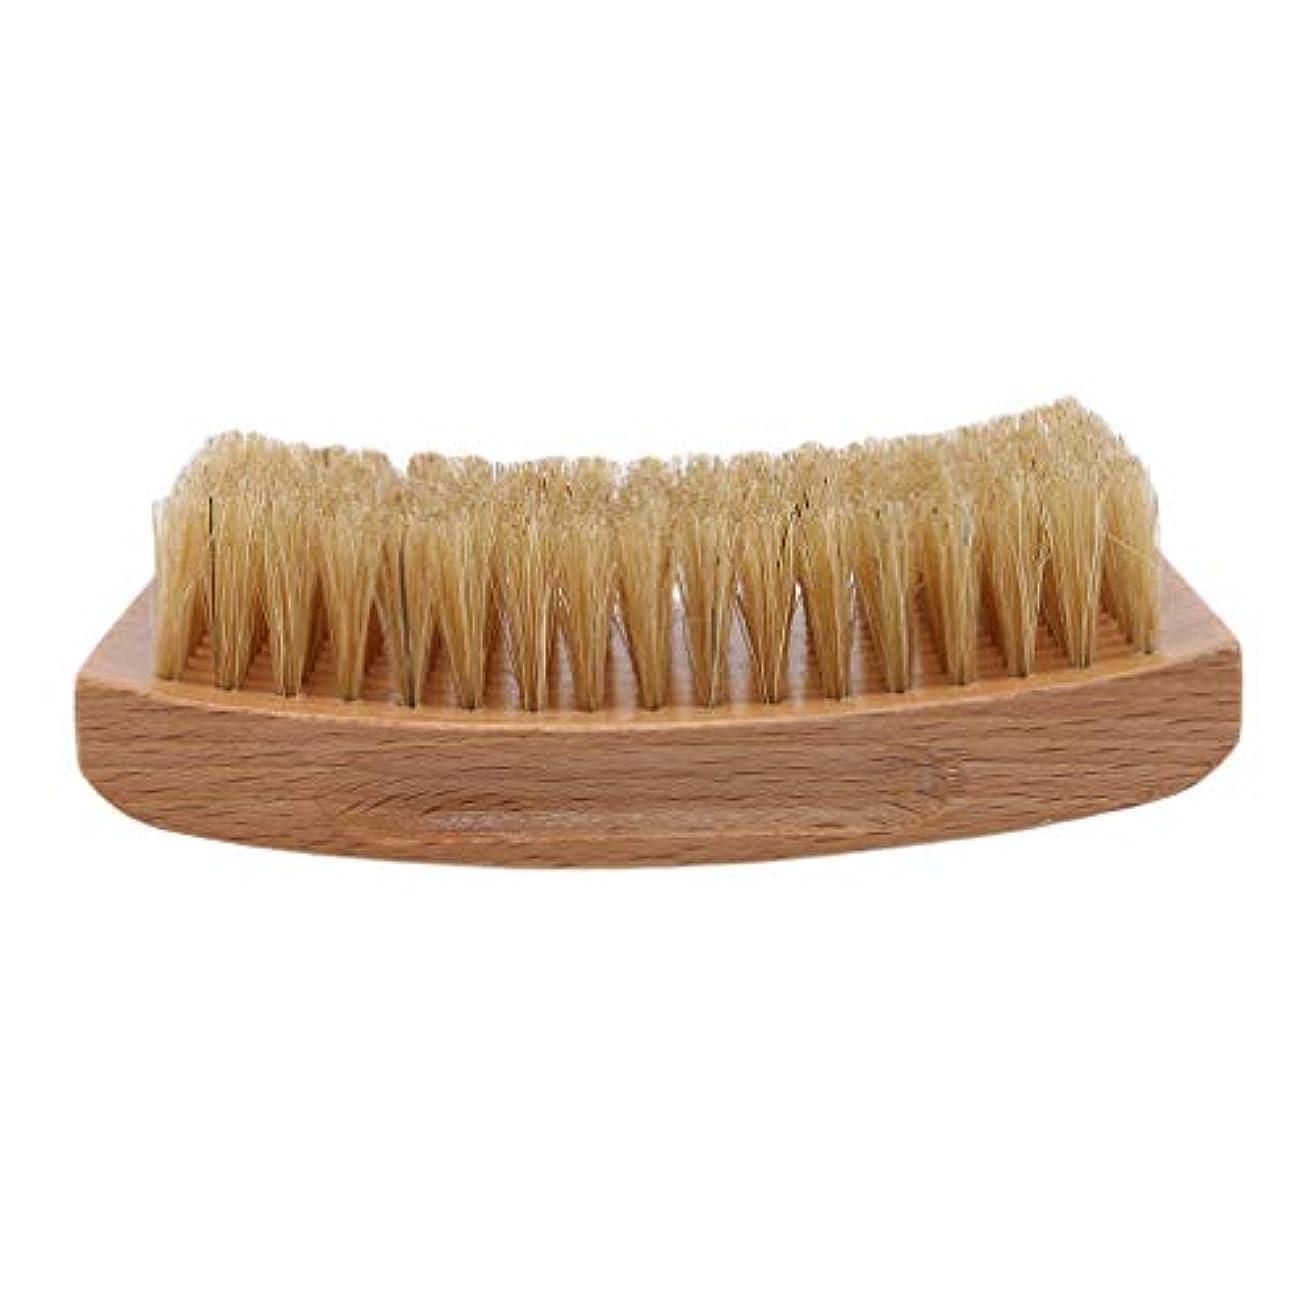 メールを書く満了プライバシーLargesoy ひげブラシ シェービングブラシ 理容 洗顔 髭剃り 泡立ち ひげ剃り 美容ツール シェービング用アクセサリー 1#